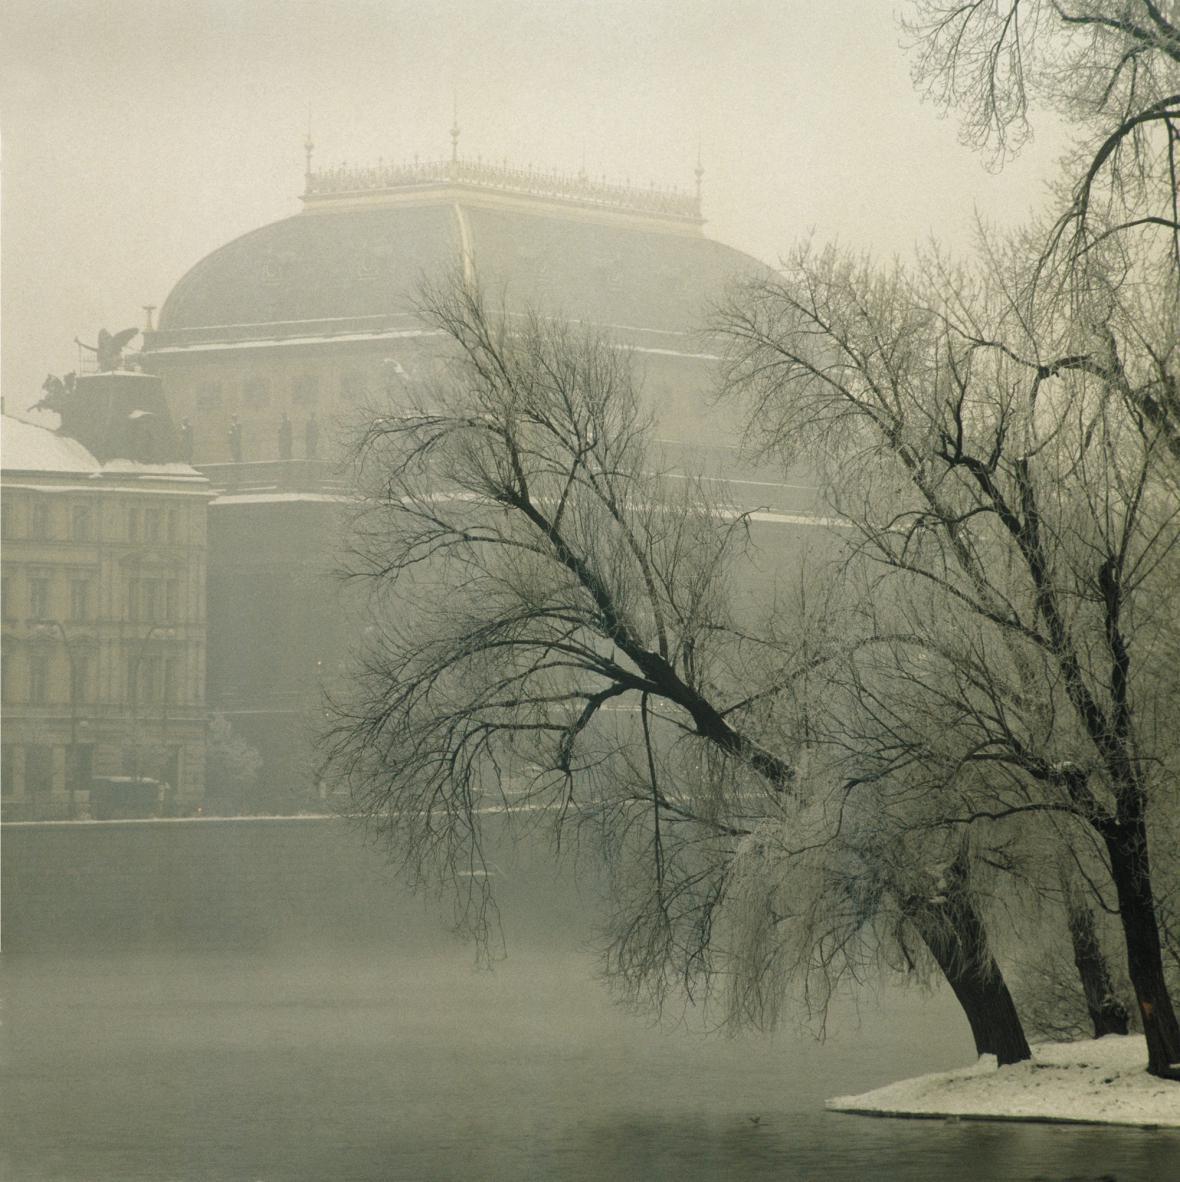 Fotografie Jiřího Všetečky (z knihy Praha světlem tvořená)